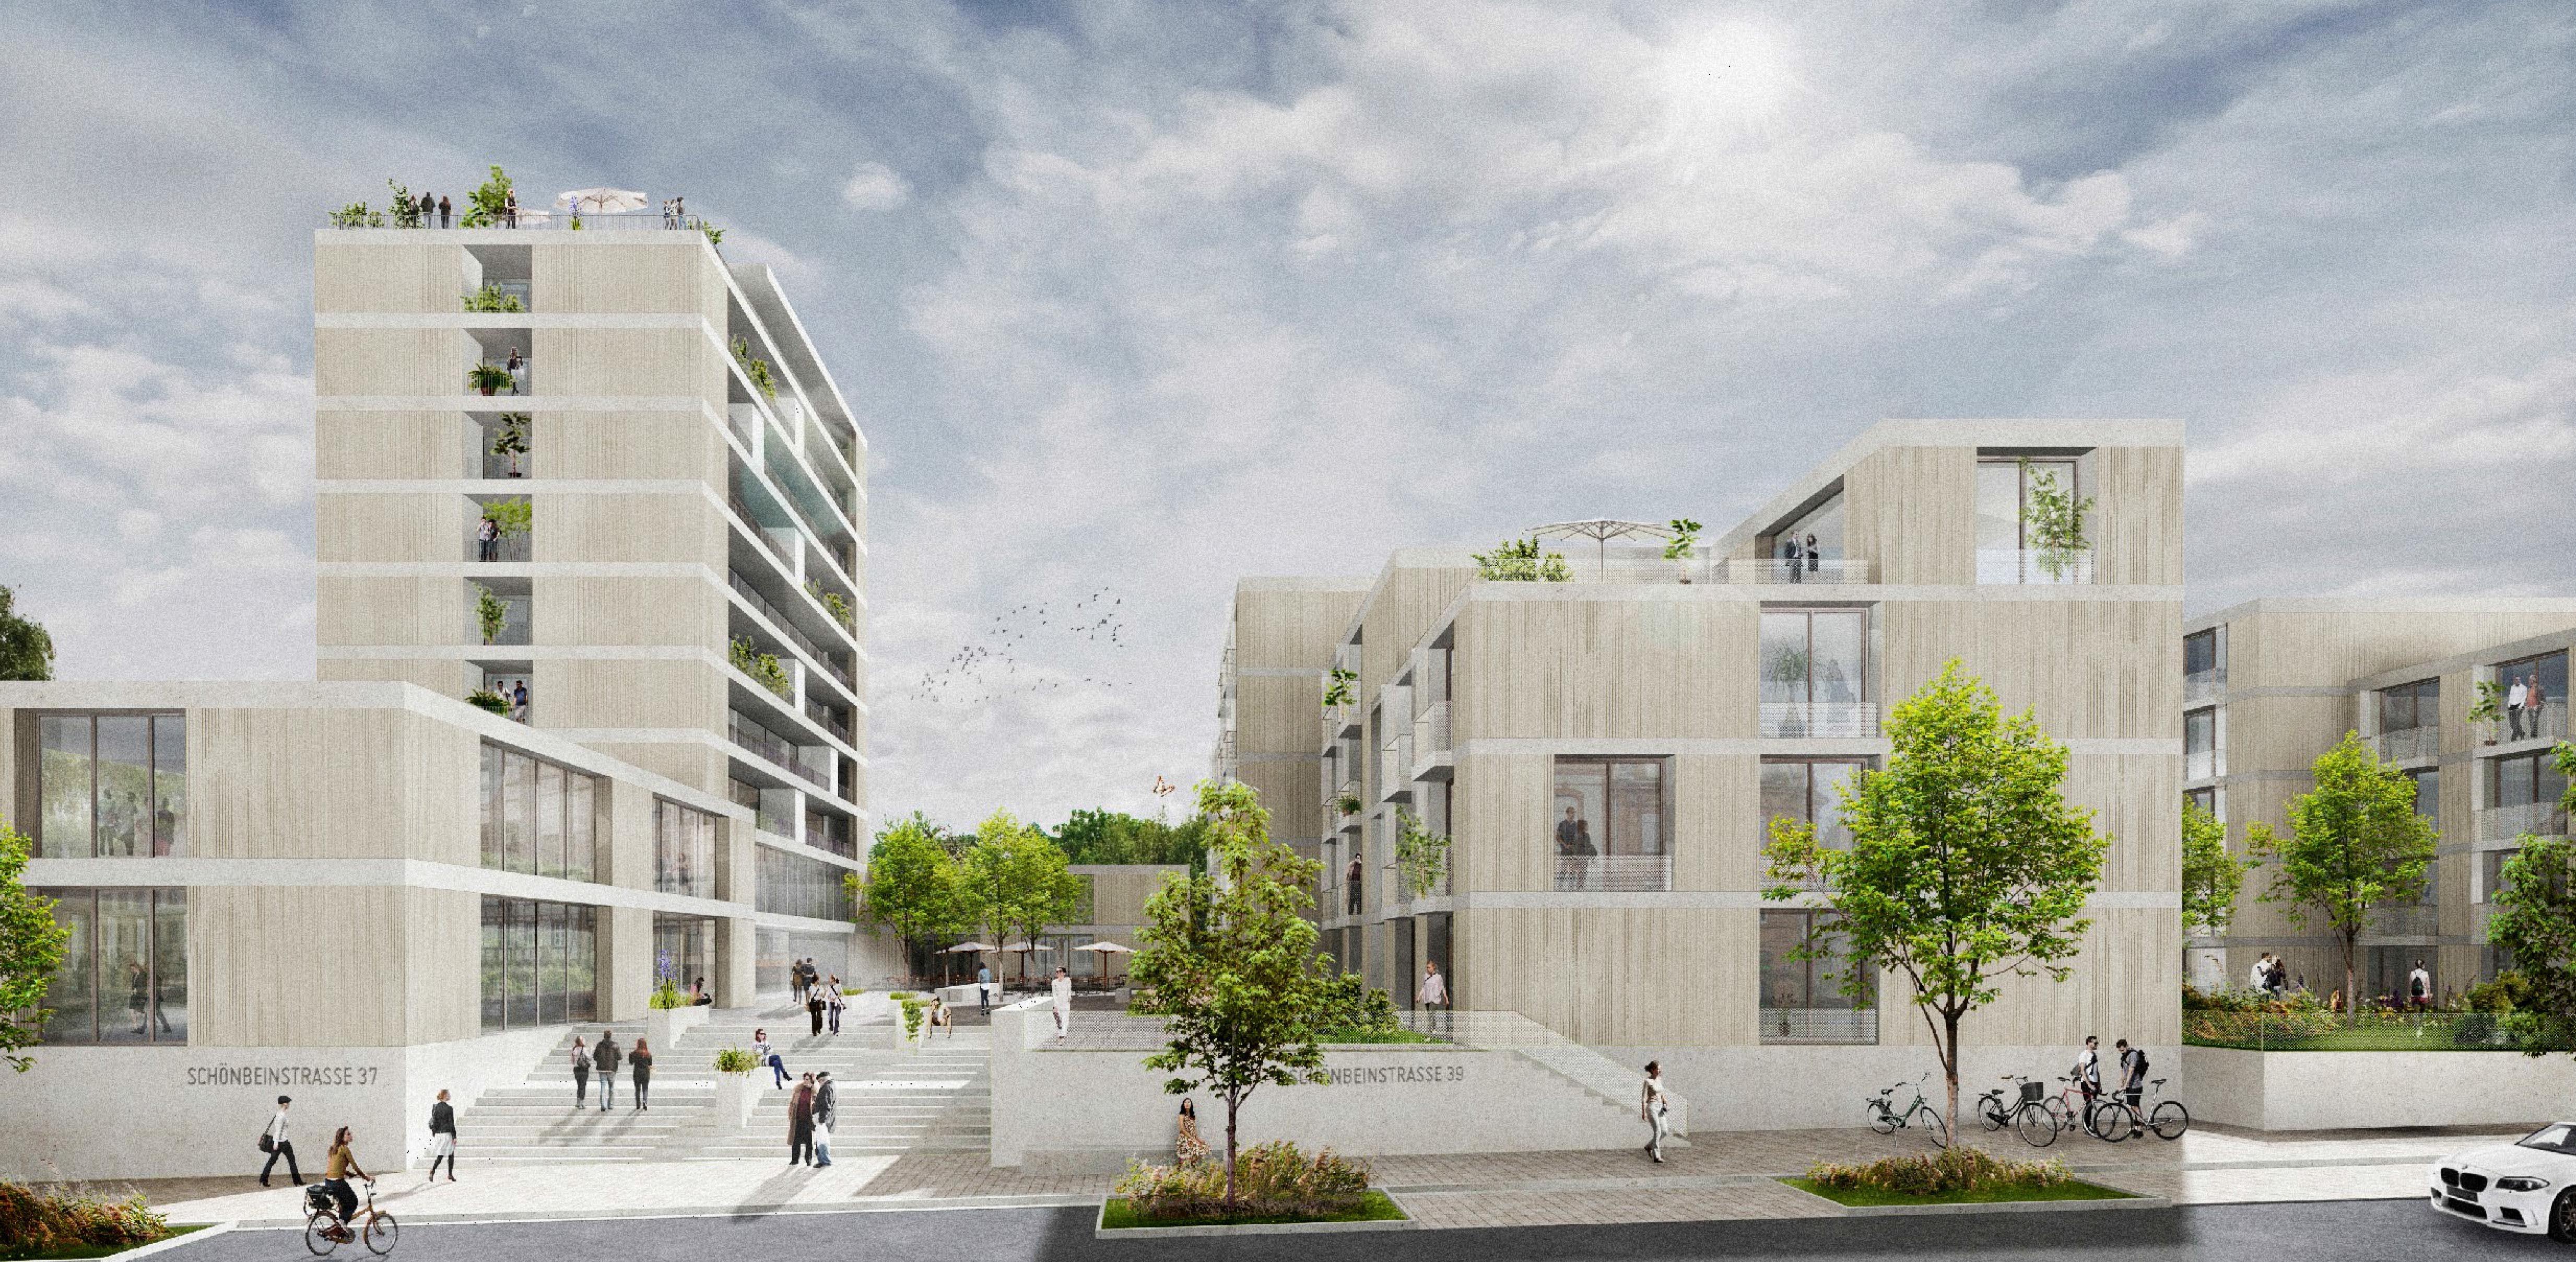 Baywa areal ludwigsburg kohler grohe - Kohler grohe architekten ...